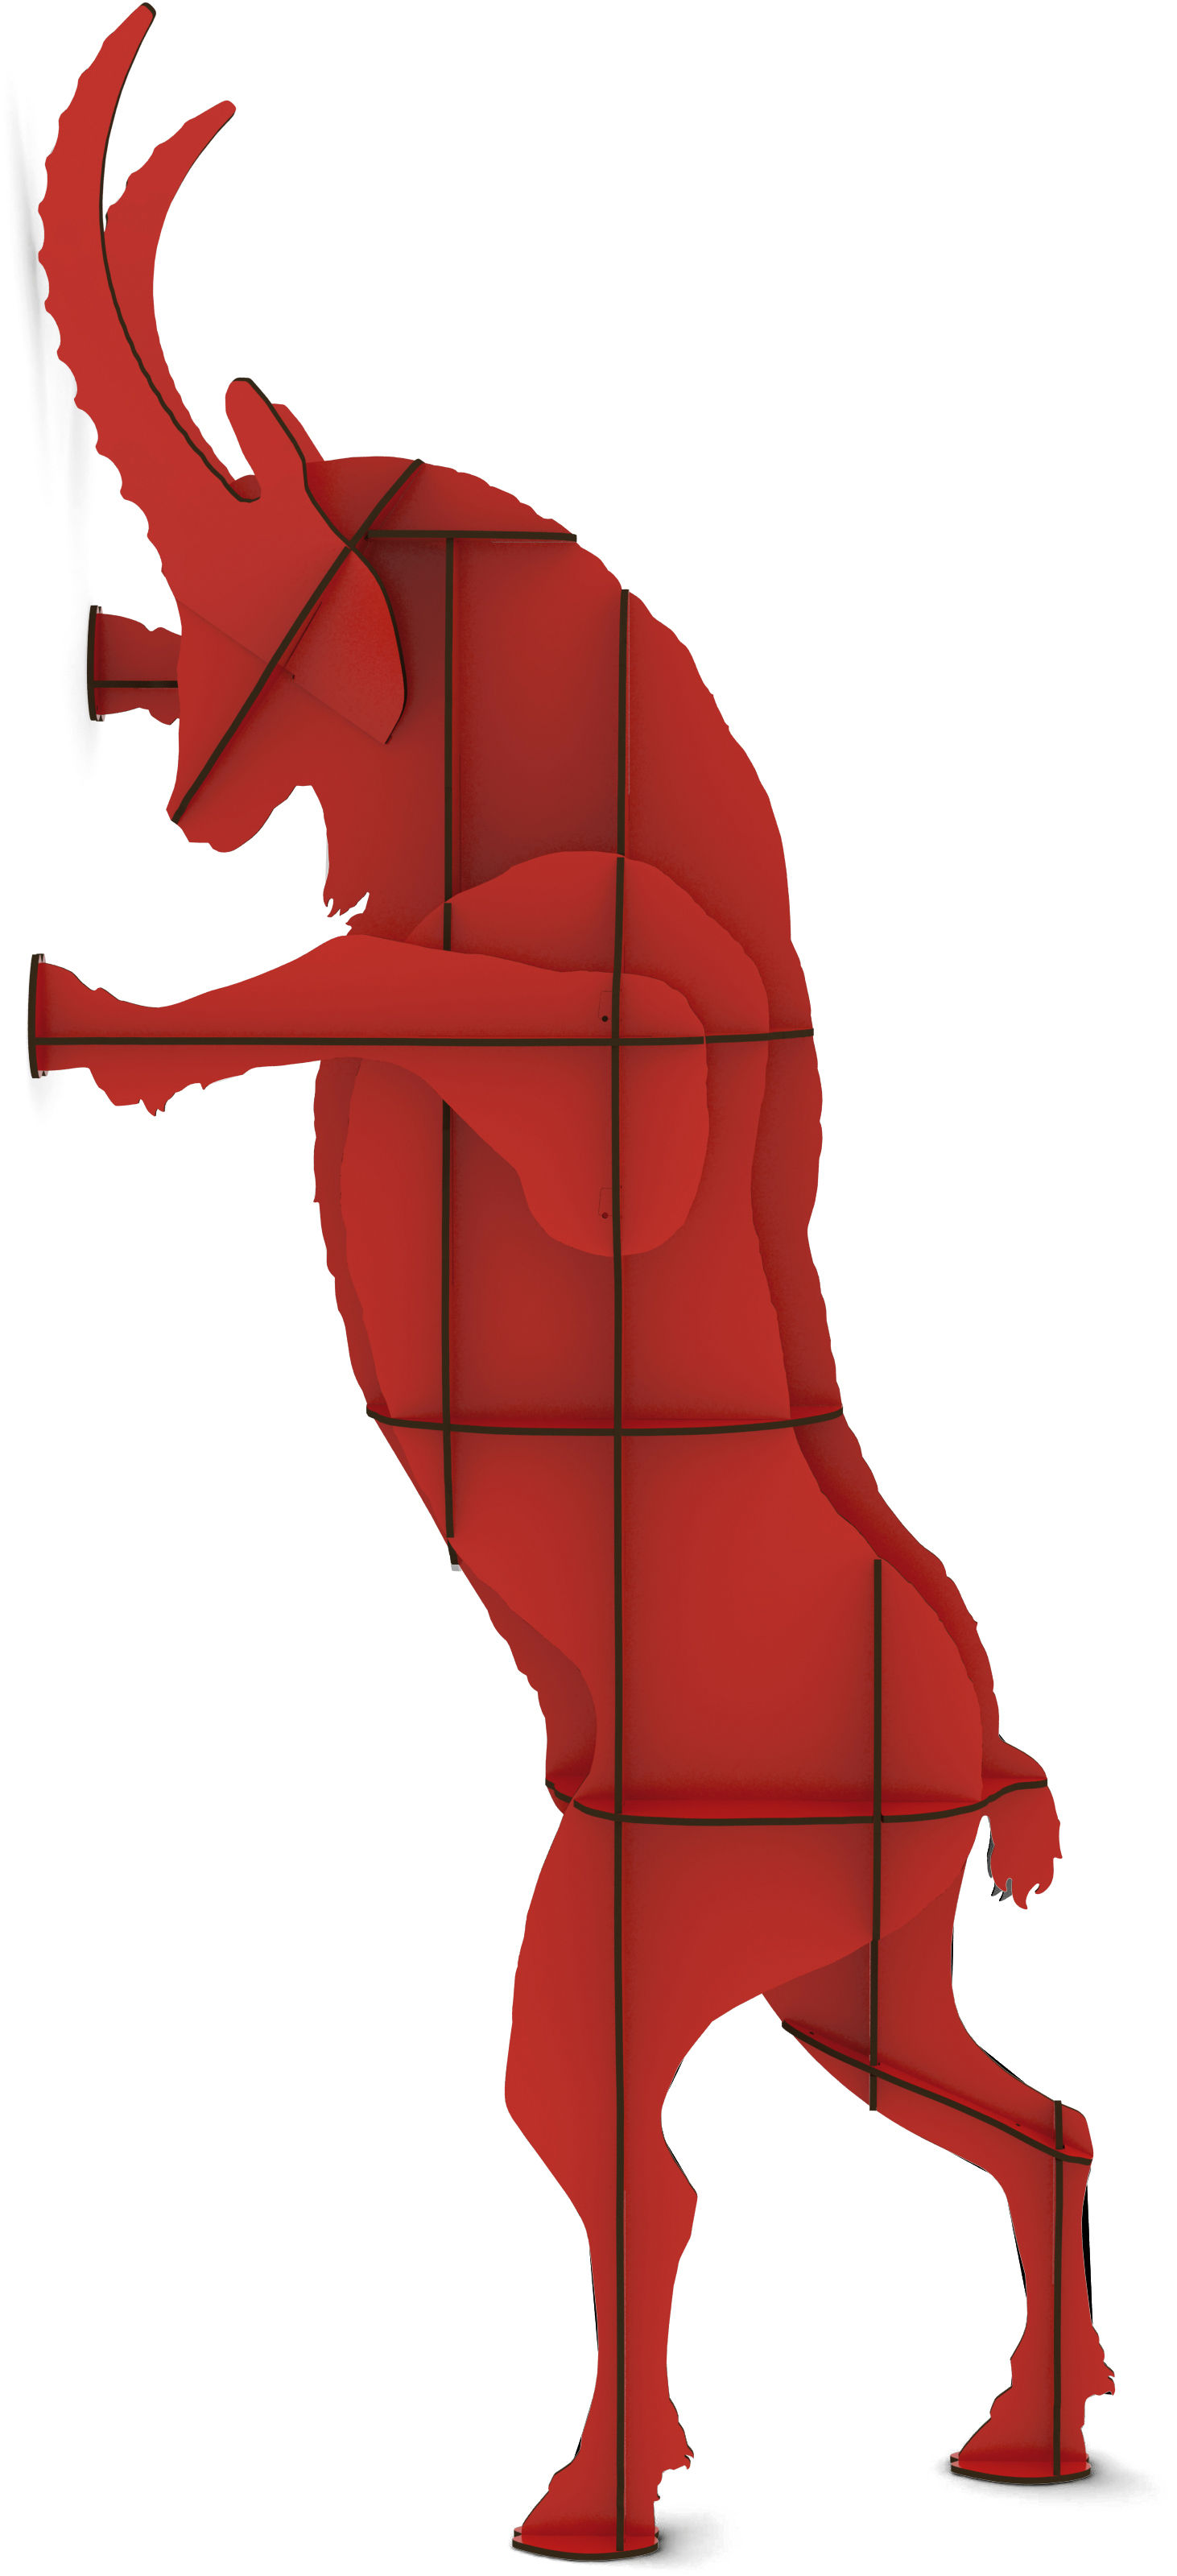 Mobilier - Etagères & bibliothèques - Bibliothèque Fausto / H 205 cm - Ibride - Rouge - Stratifié massif